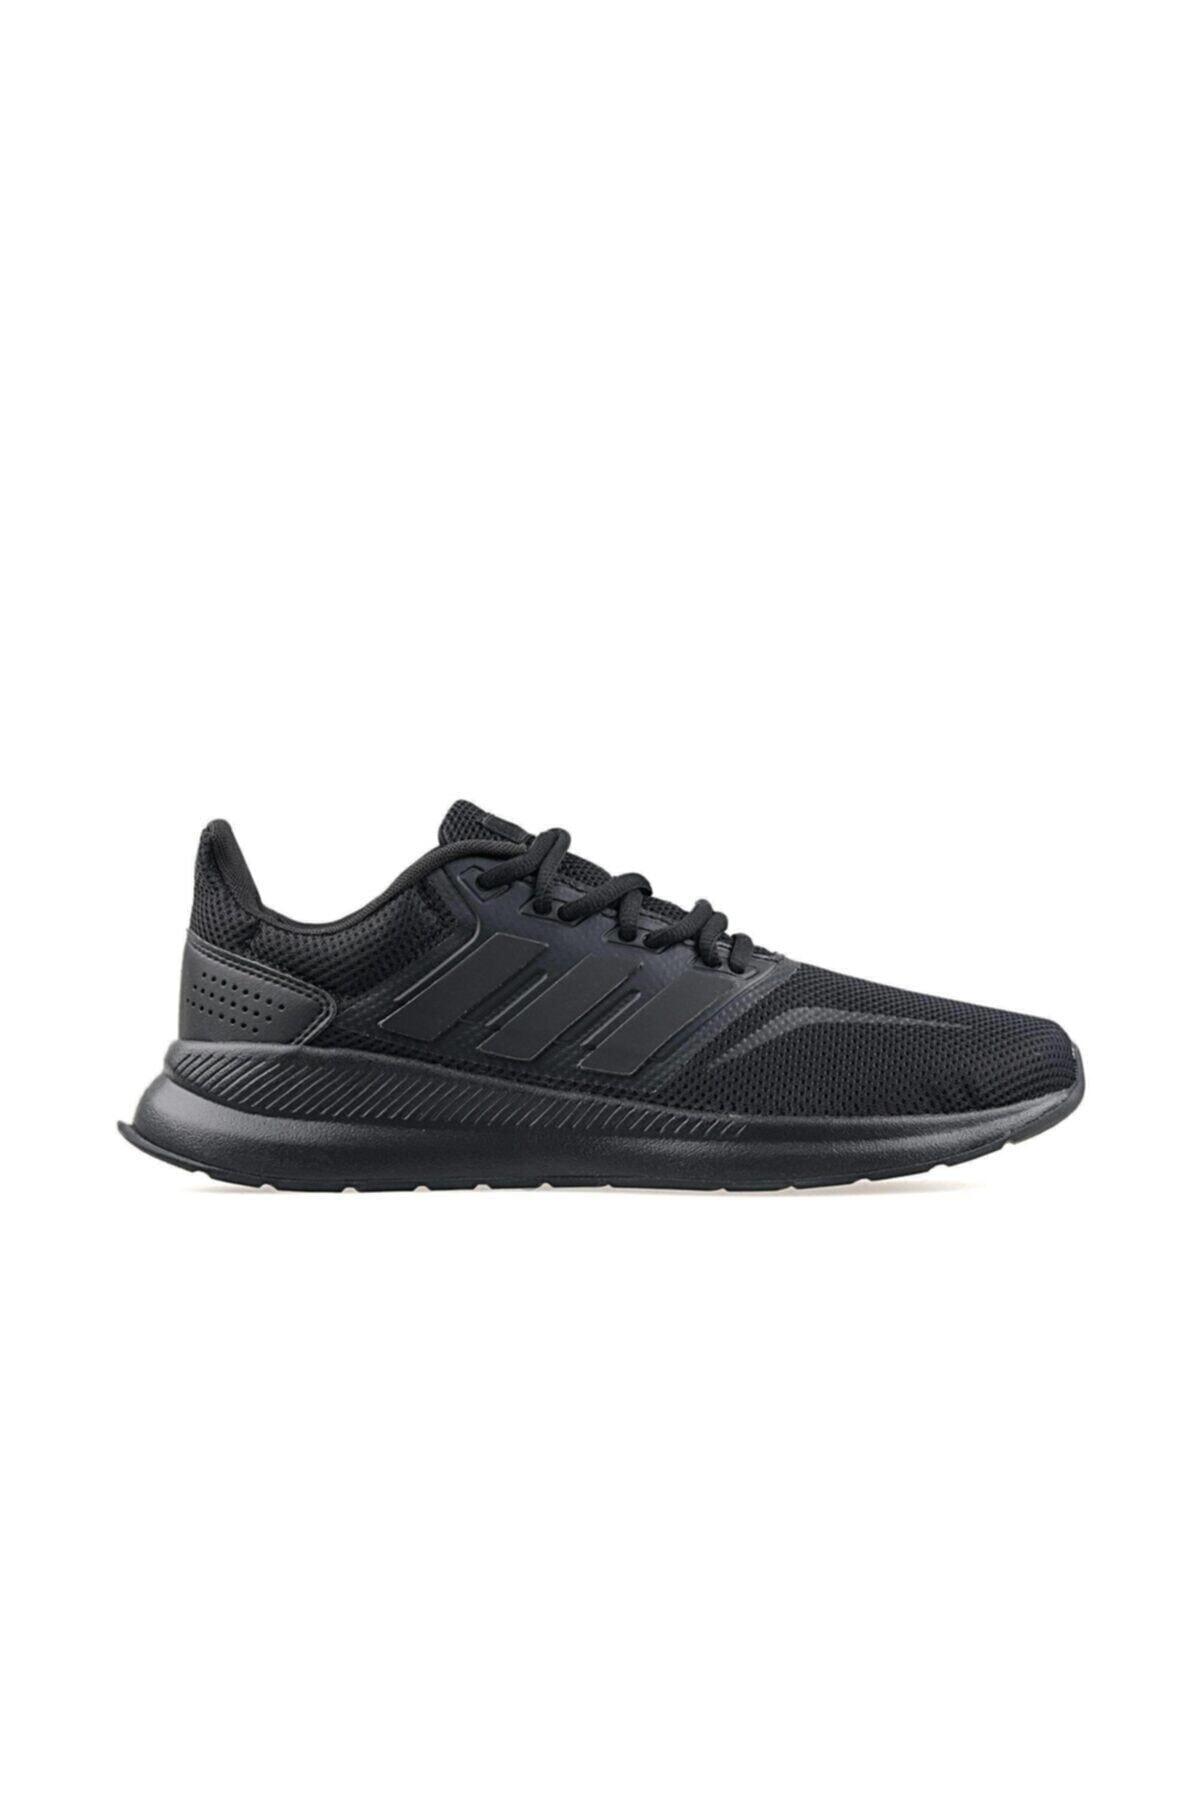 adidas G28970 Siyah Erkek Koşu Ayakkabısı 100479461 1